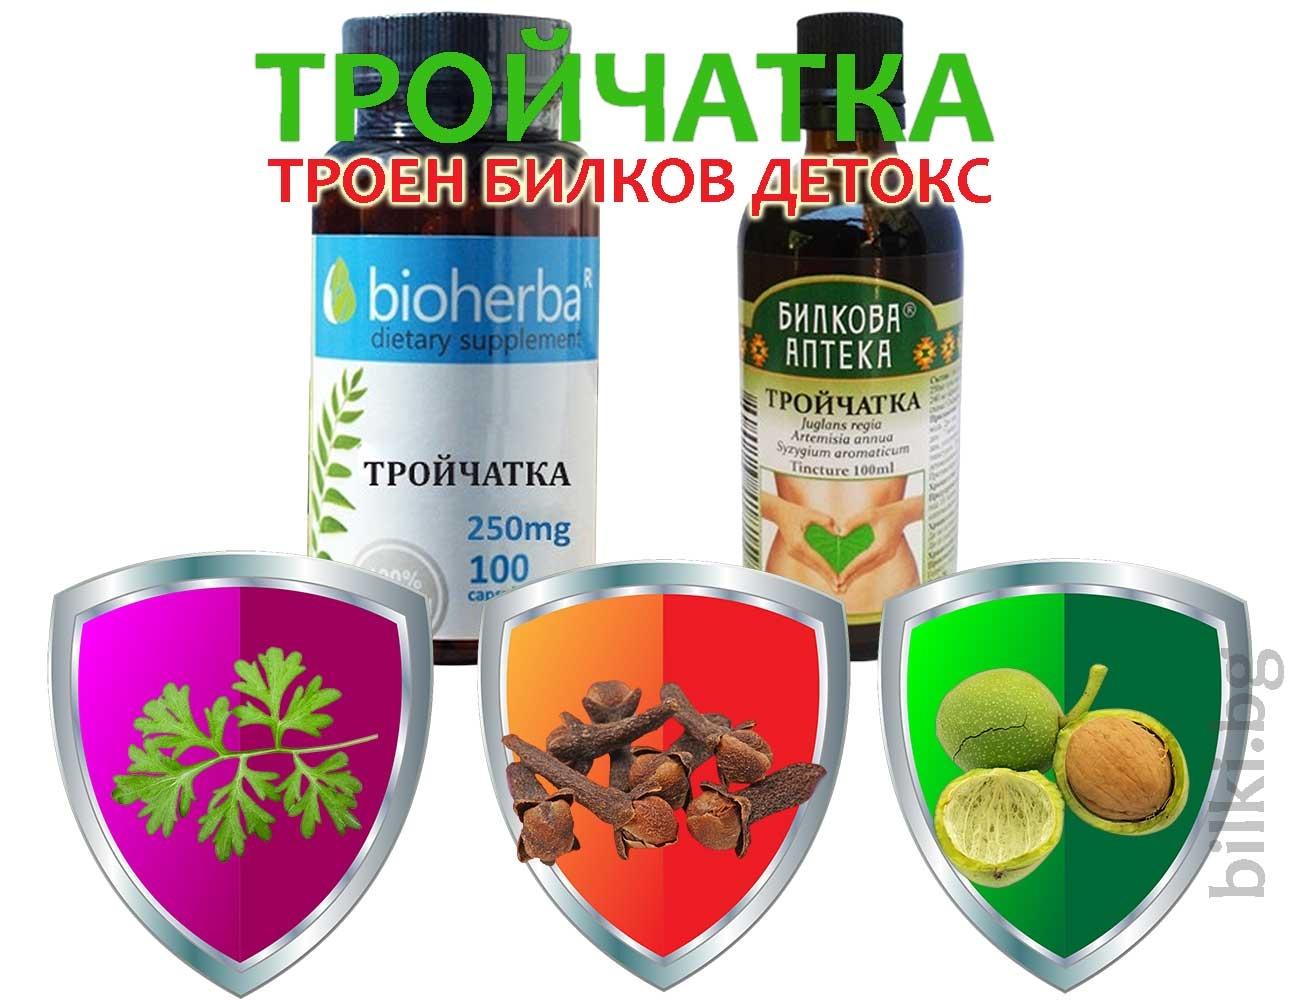 Тройчатка продукти от Биохерба Р, детокс и противопаразитно